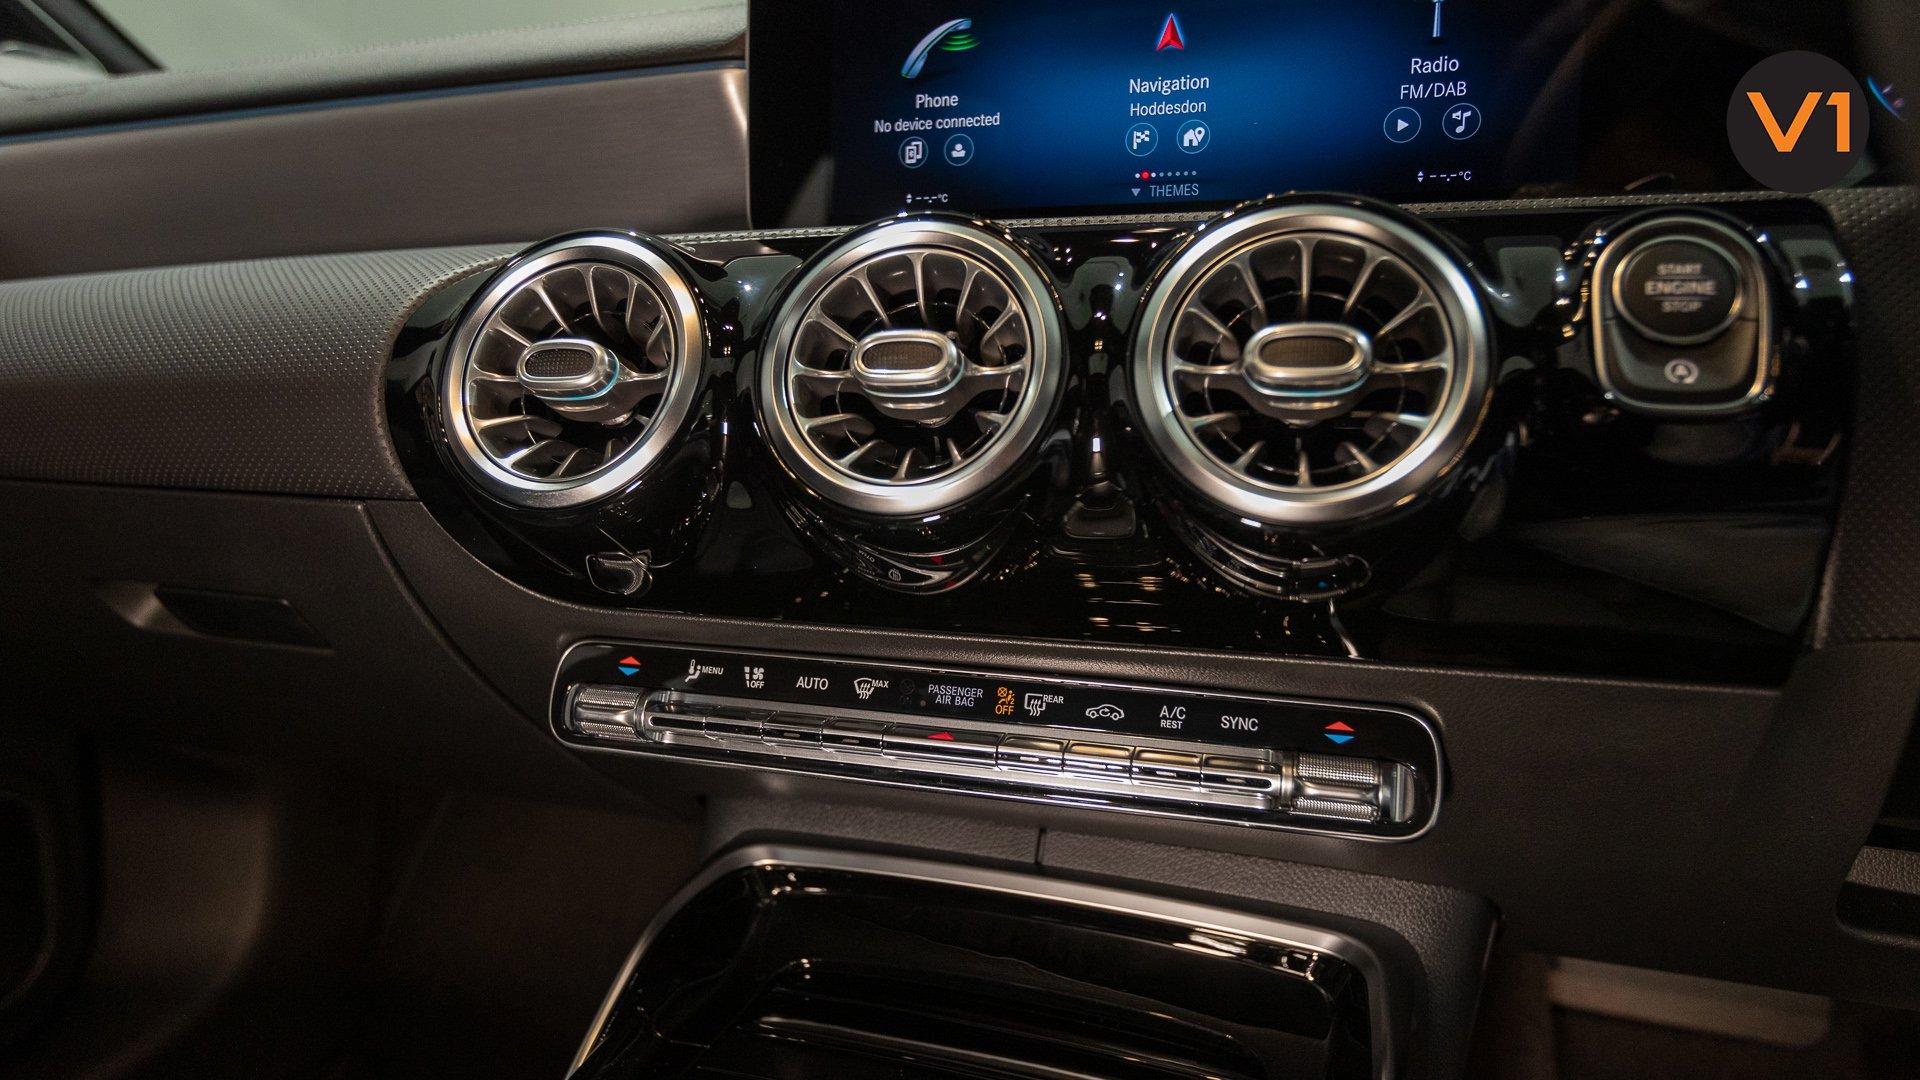 Mercedes-AMG CLA35 Coupe AMG 4Matic Premium Plus - AC